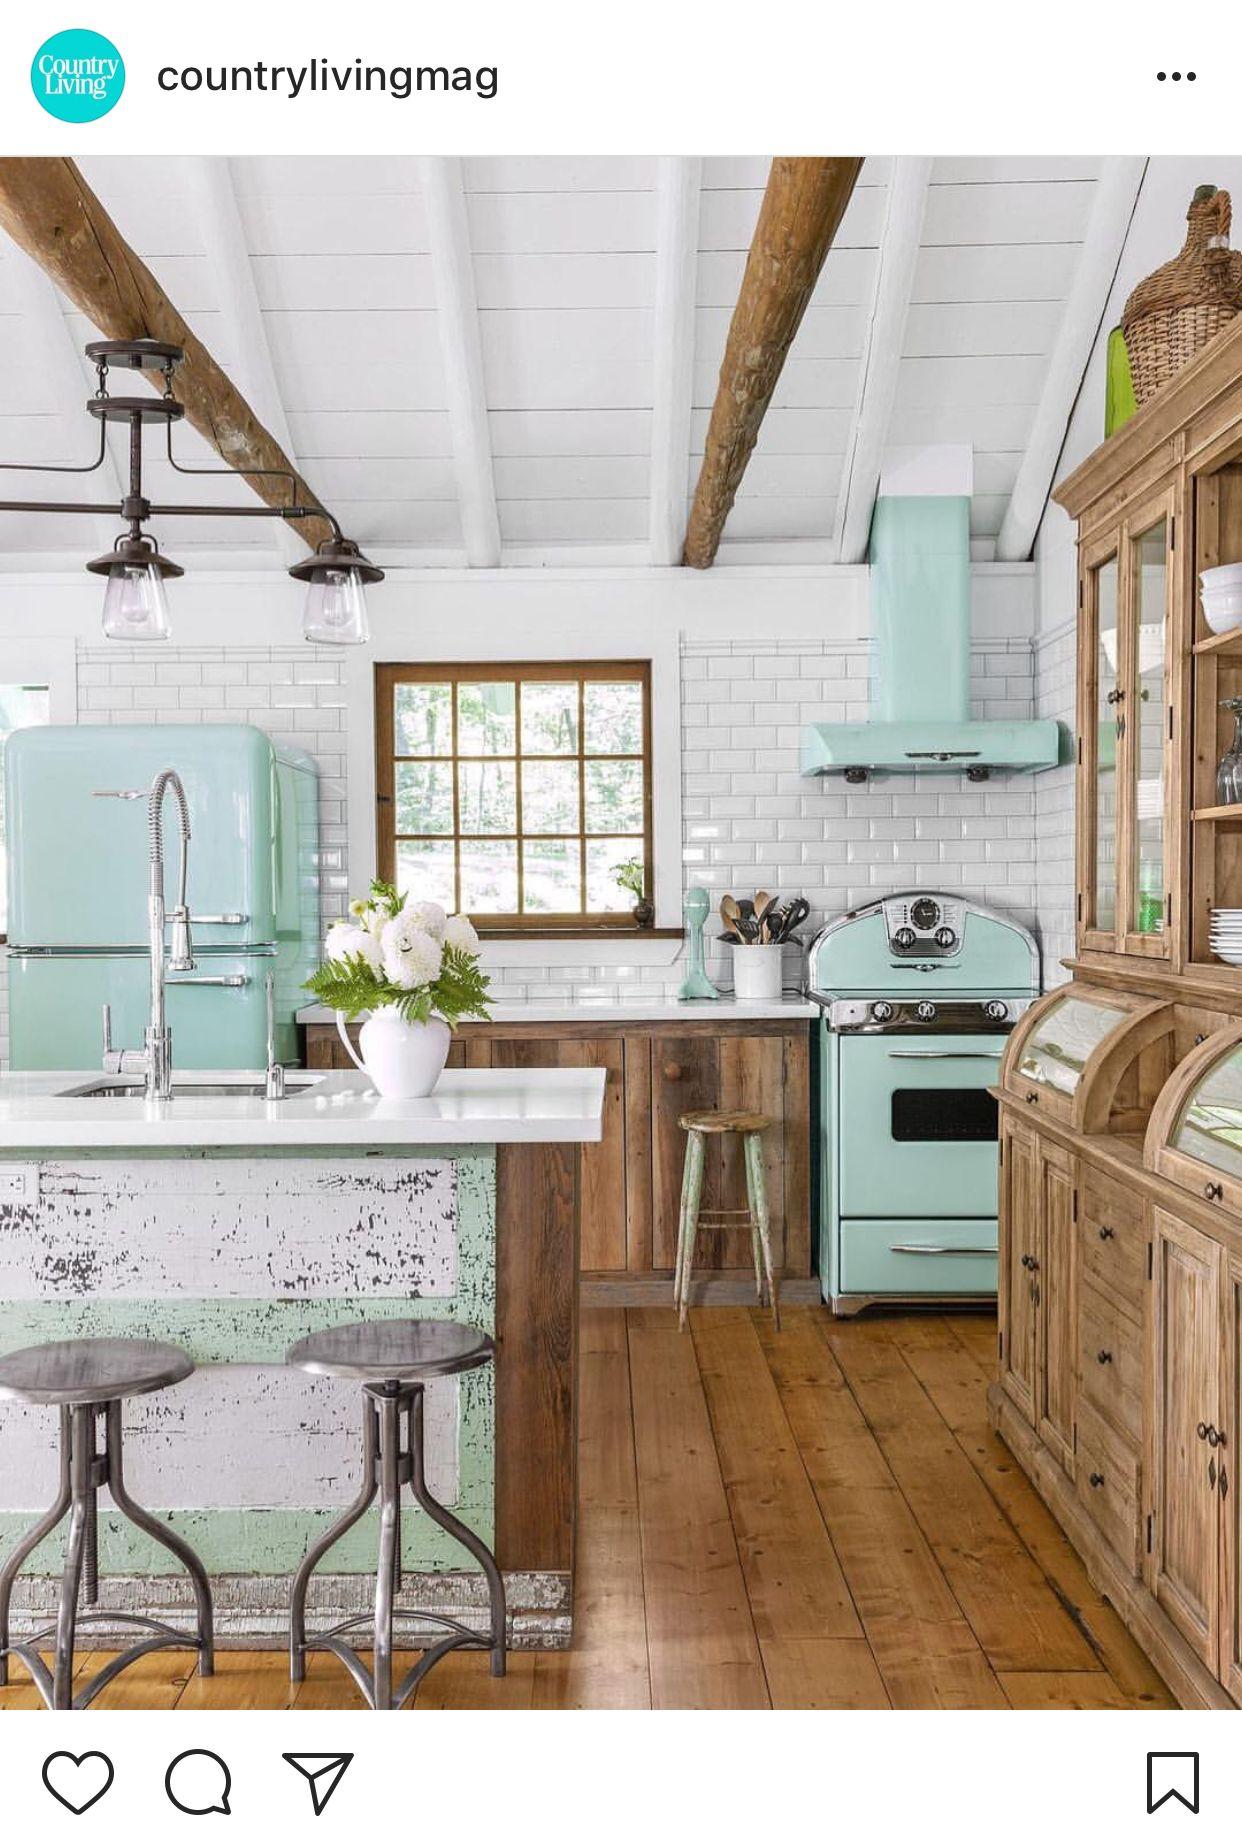 über küchenschrank ideen zu dekorieren posted by countrylivingmagazine  küchenfee  pinterest  haus